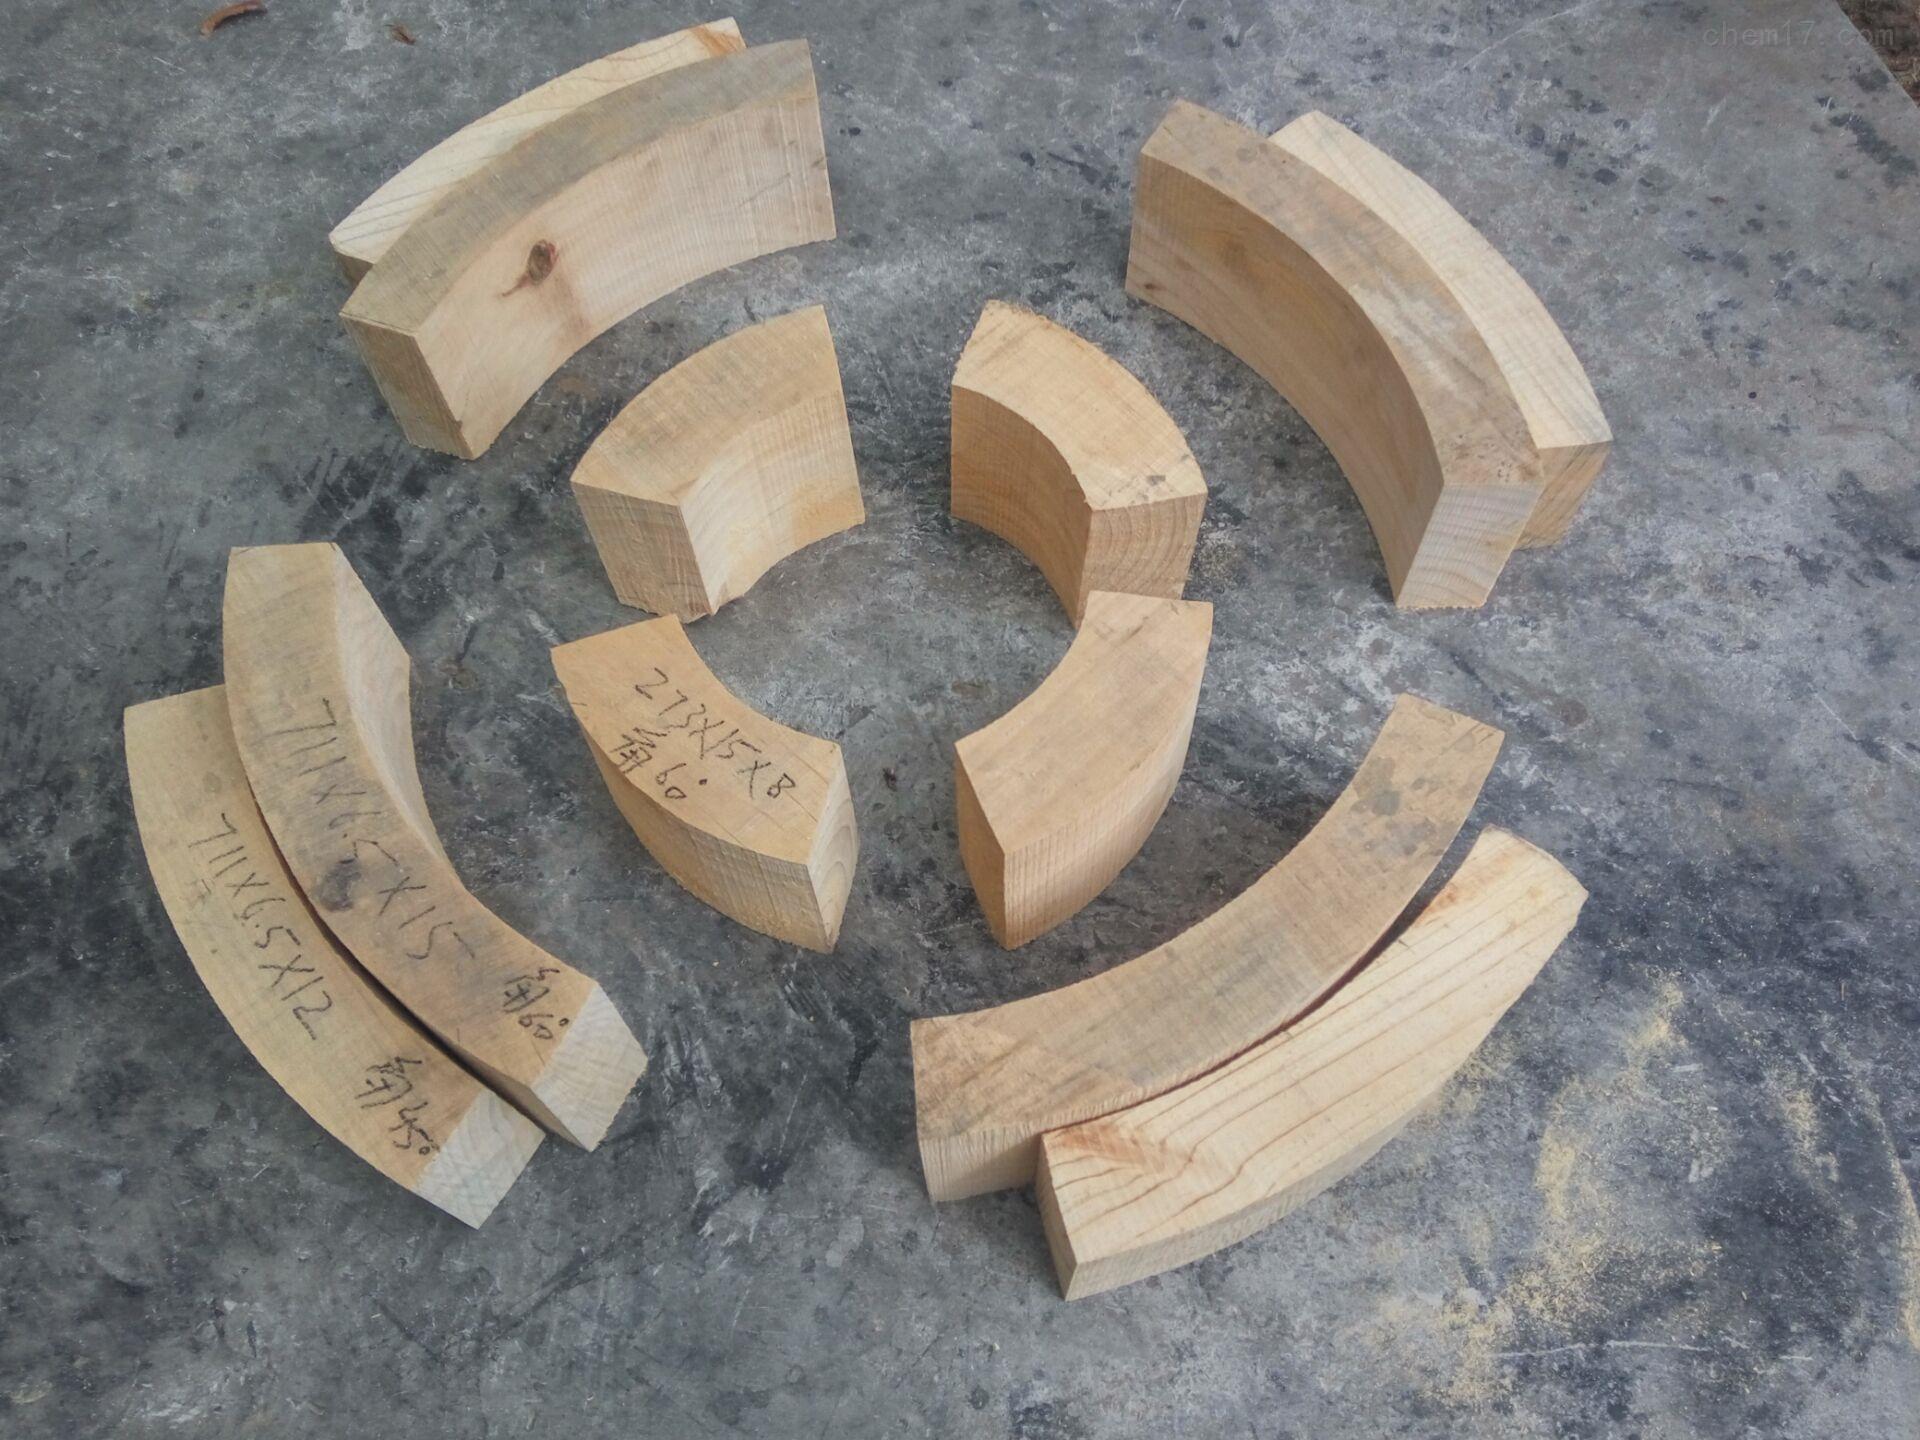 扇形木块*红松保冷木块厂家 价格